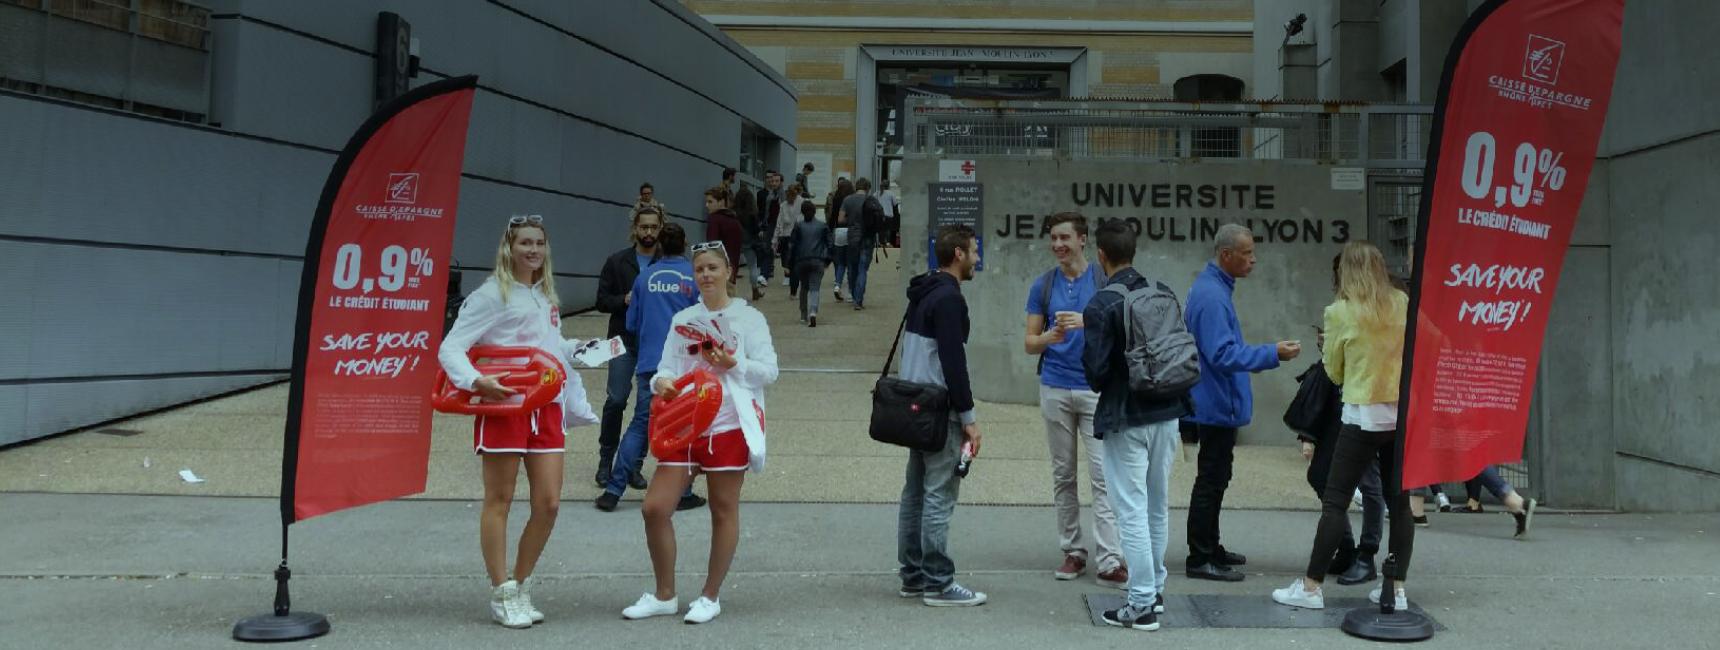 Campus Media, communiquez aupres des etudiants - Keemia Lille Agence marketing local en région Nord